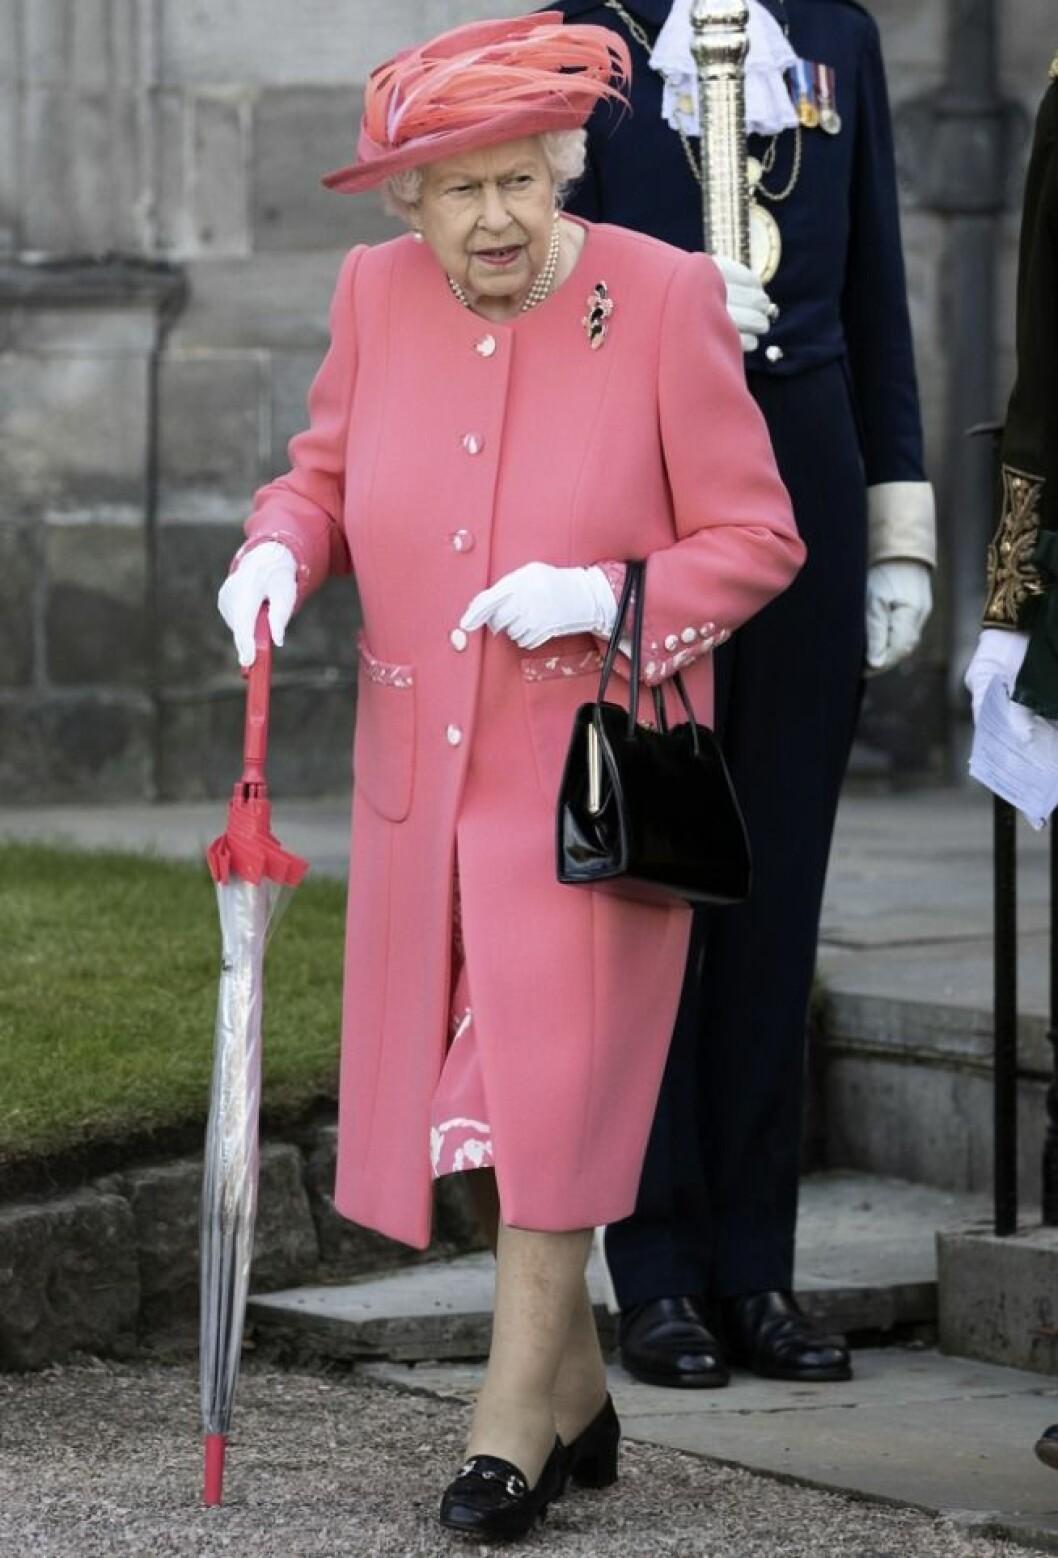 Drottning Elizabeth går med paraply som käpp